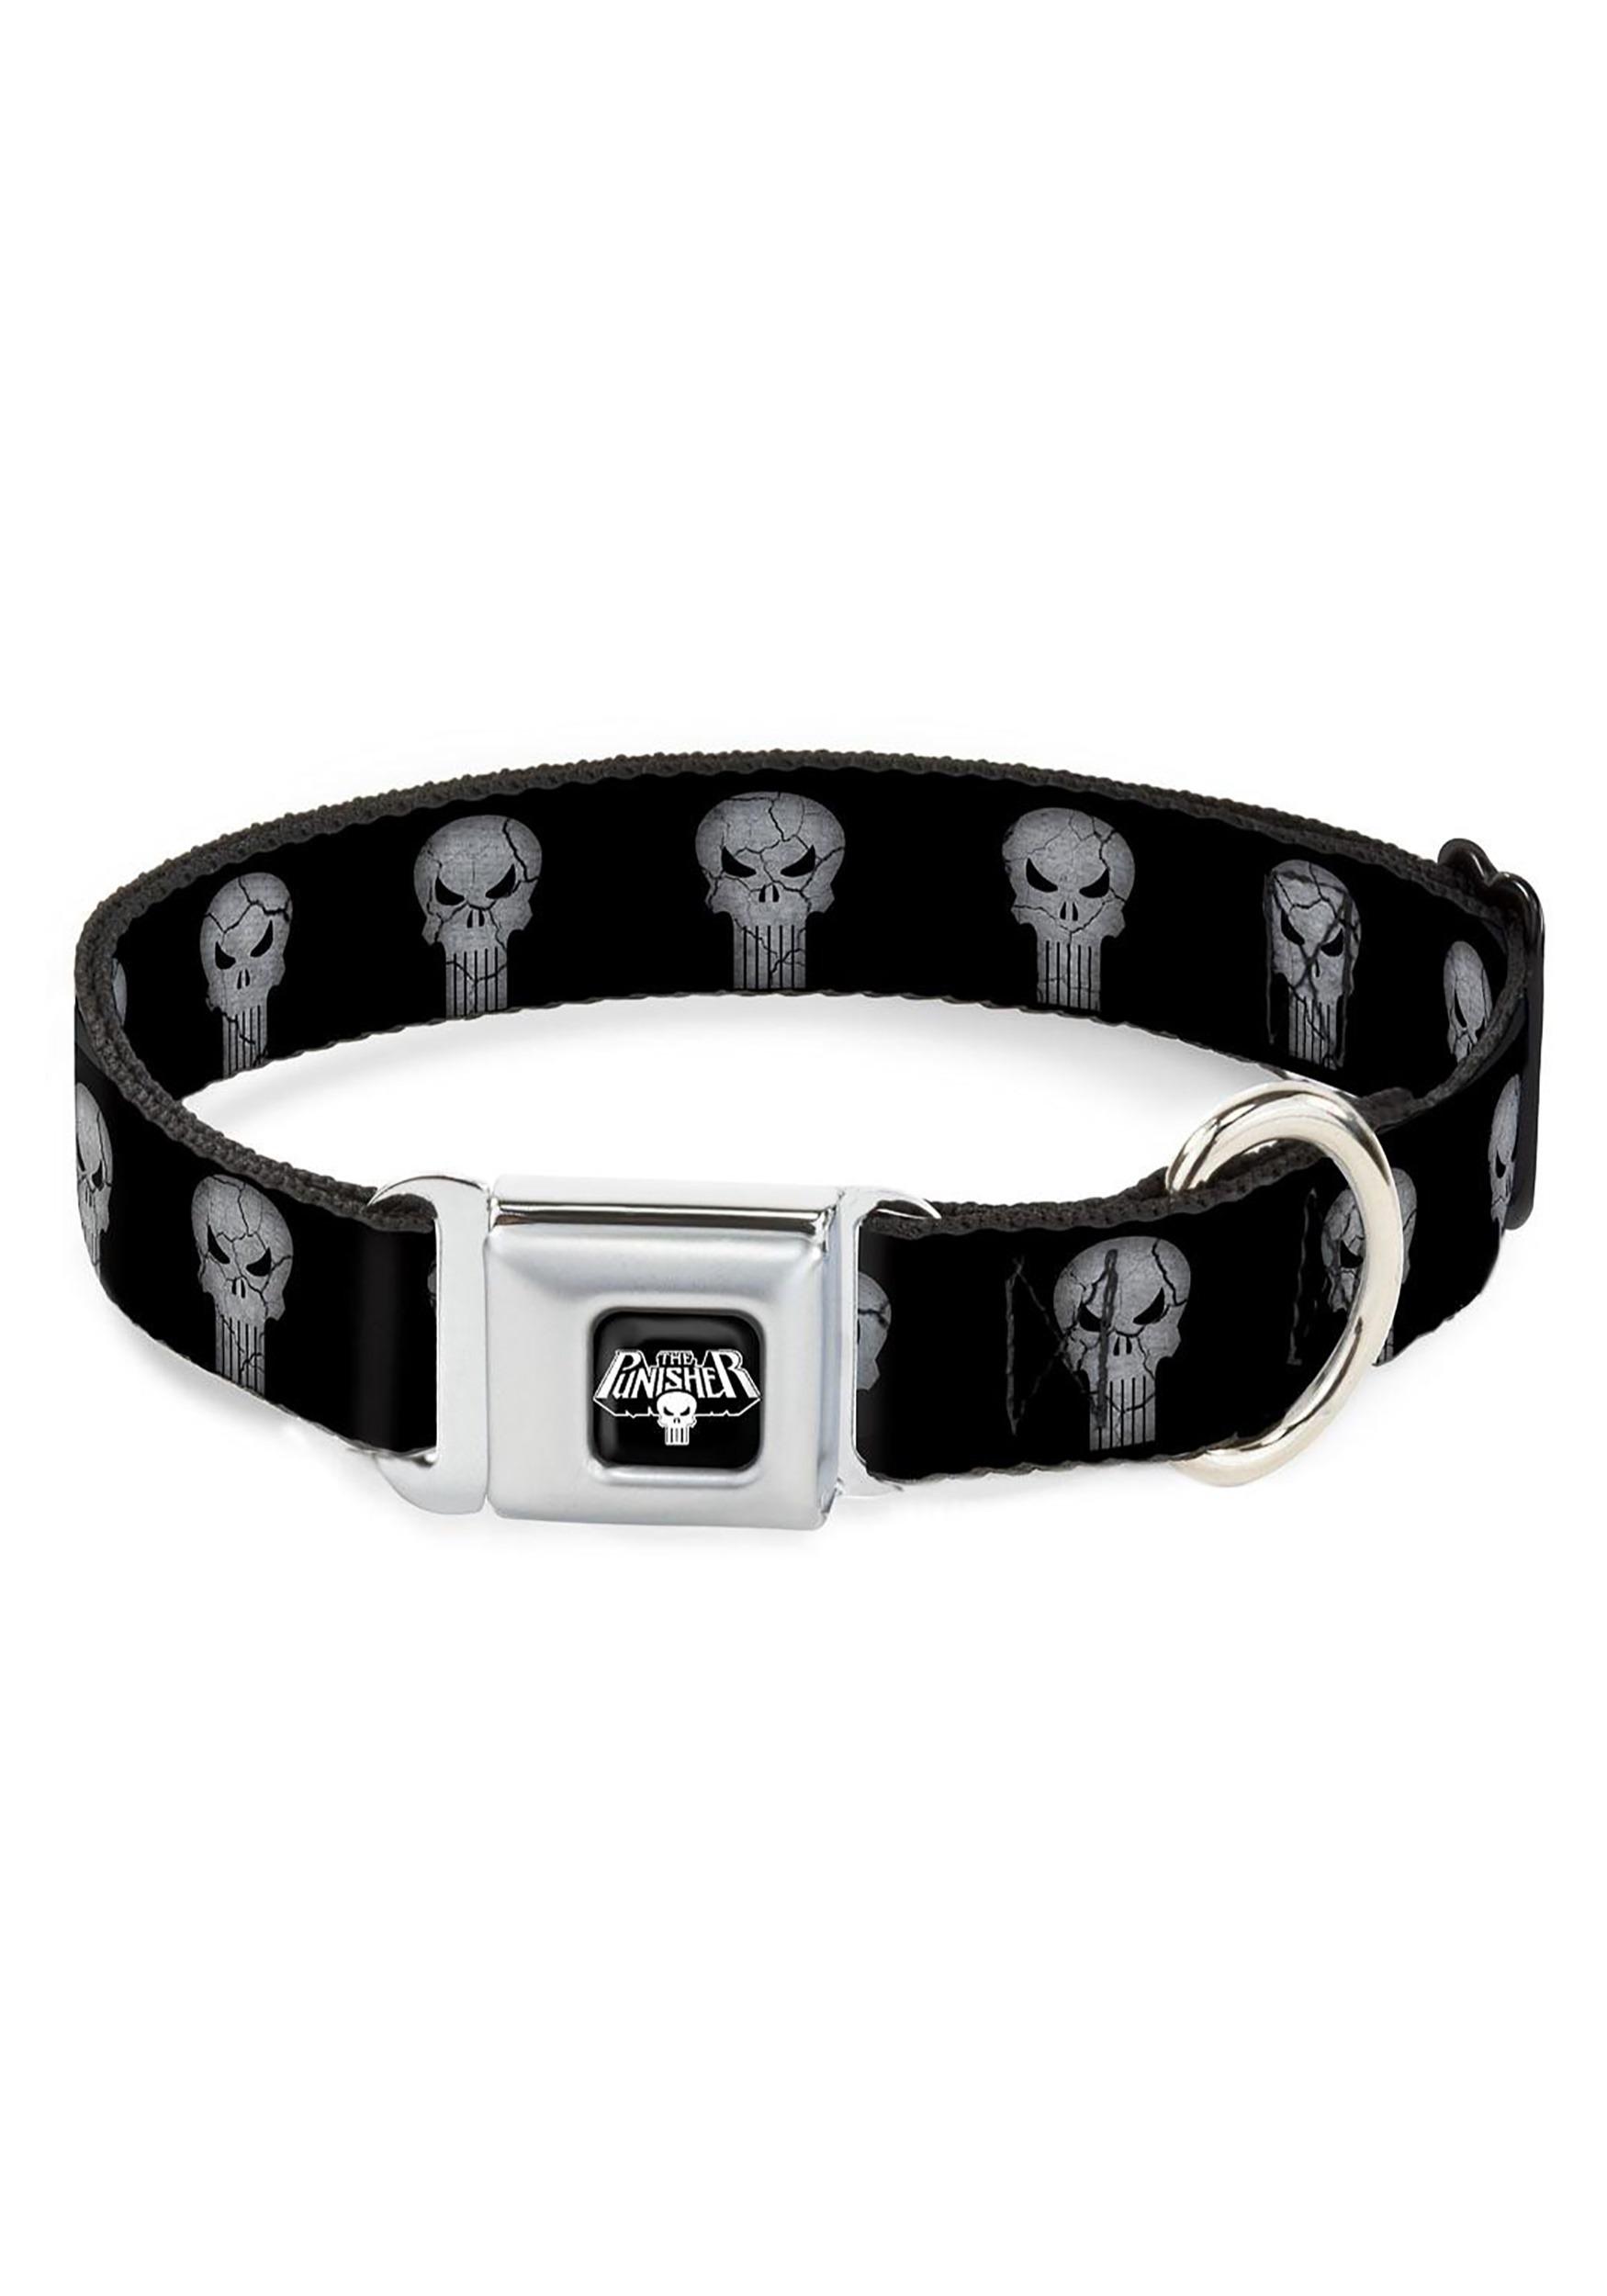 Marvel_The_Punisher_Logo_Black_Seatbelt_Buckle_Dog_Collar_1_Wide